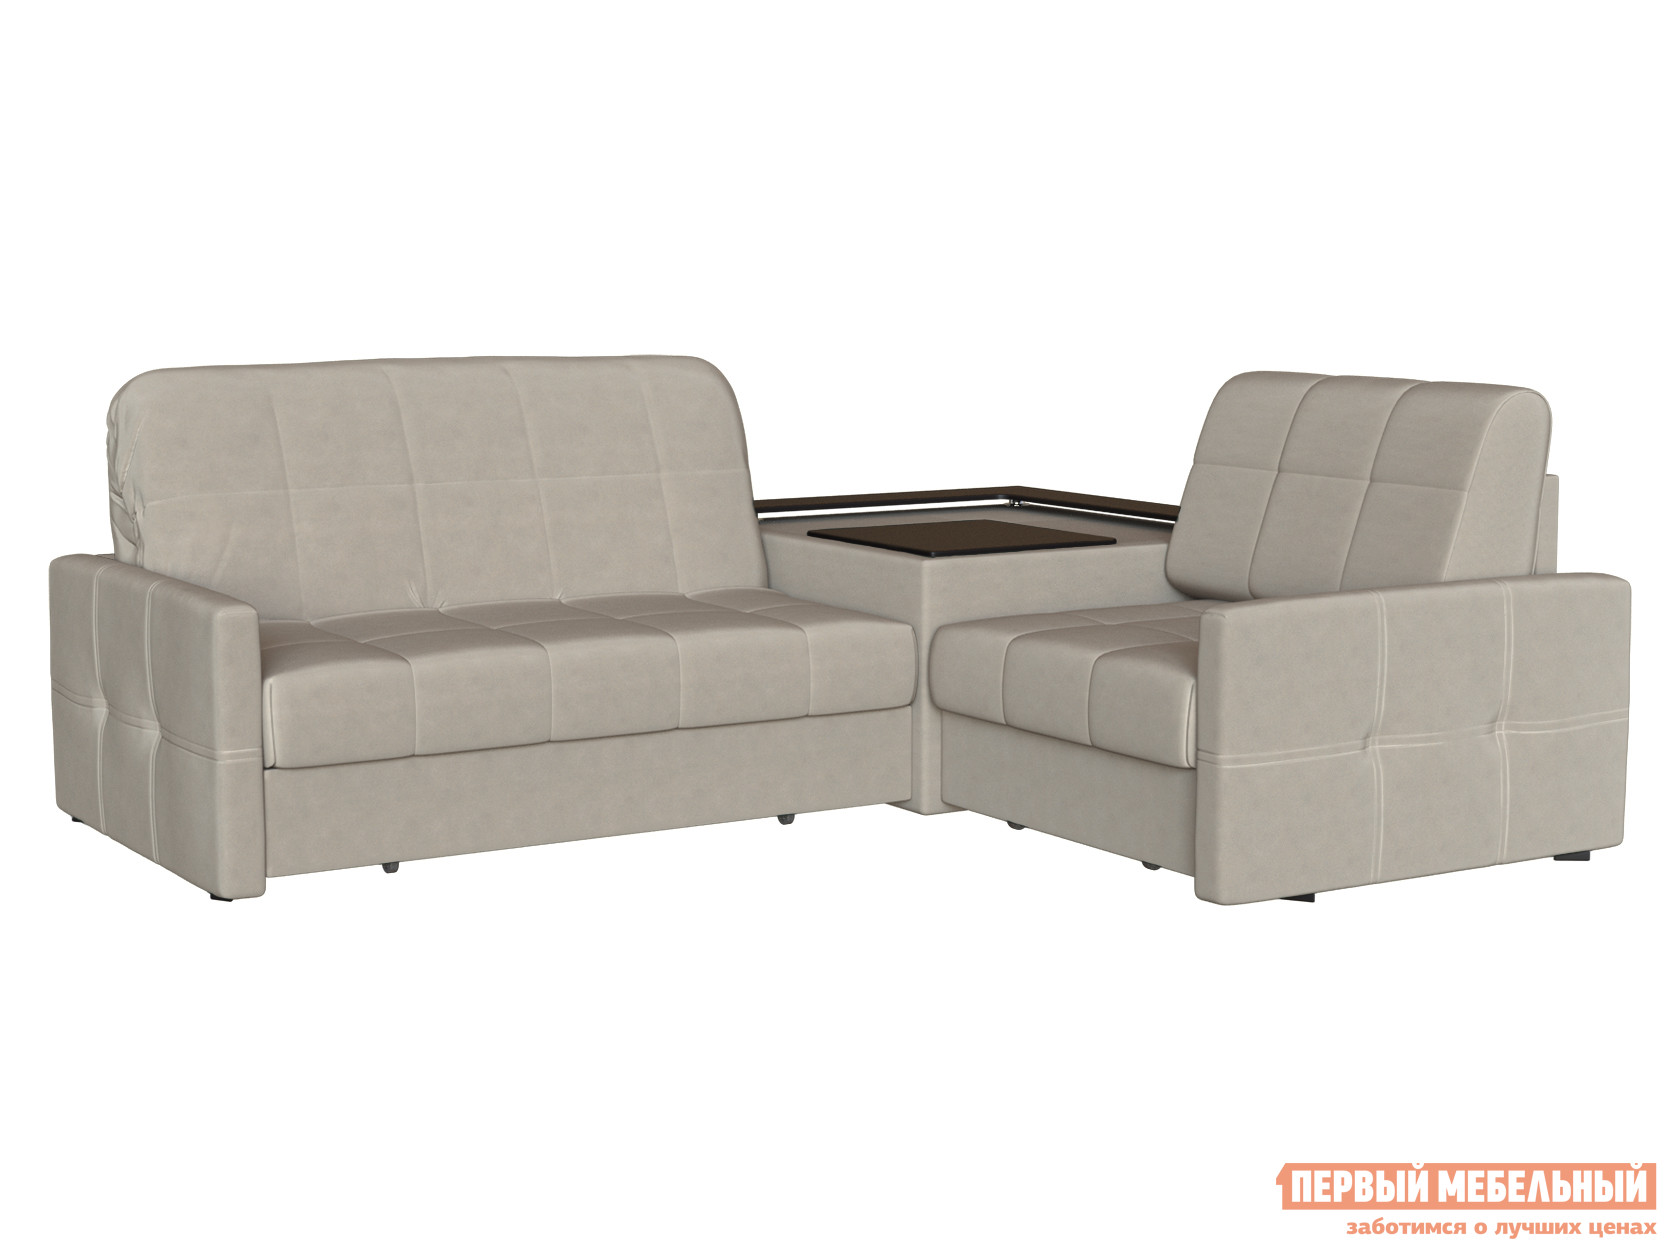 Угловой диван Первый Мебельный Диван Неро угловой Люкс